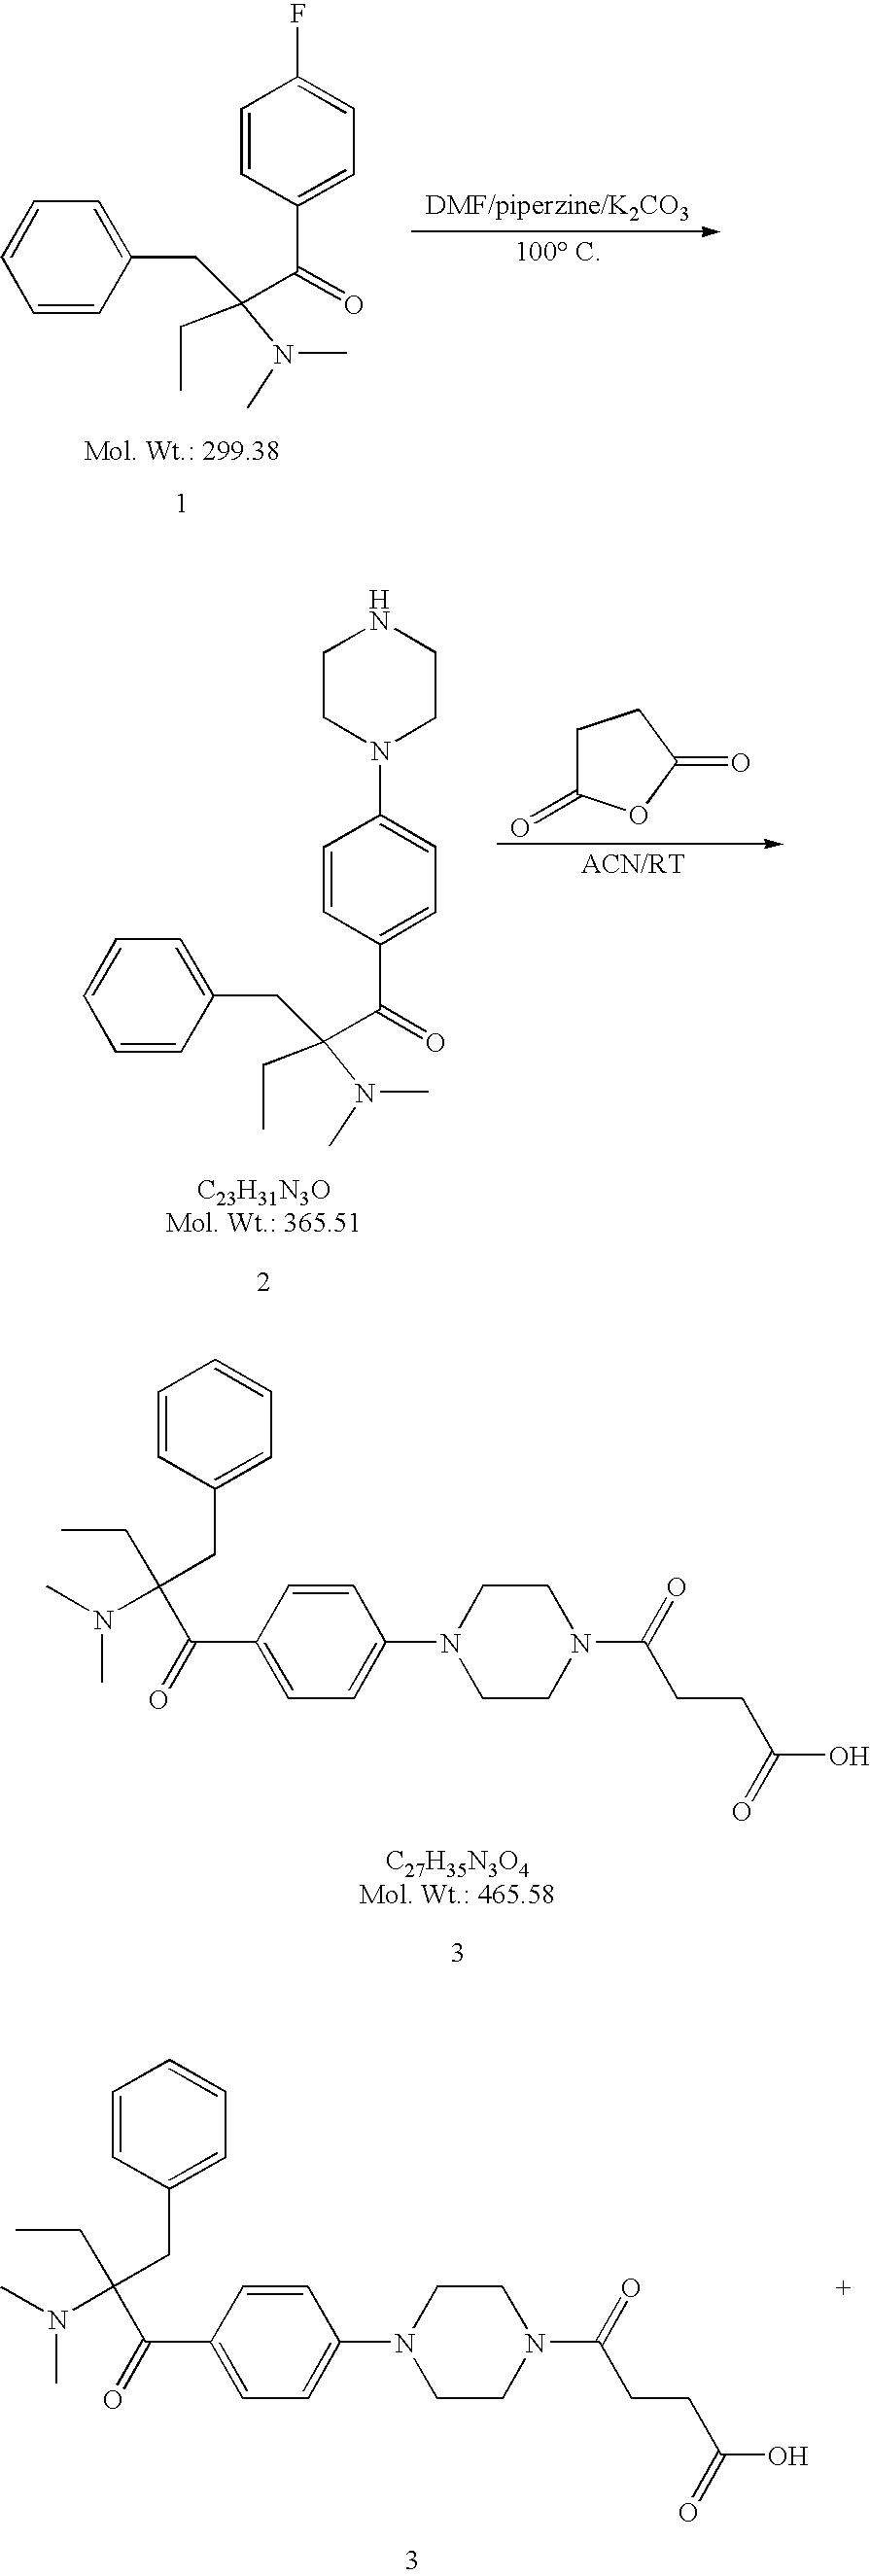 Figure US20100168359A1-20100701-C00031